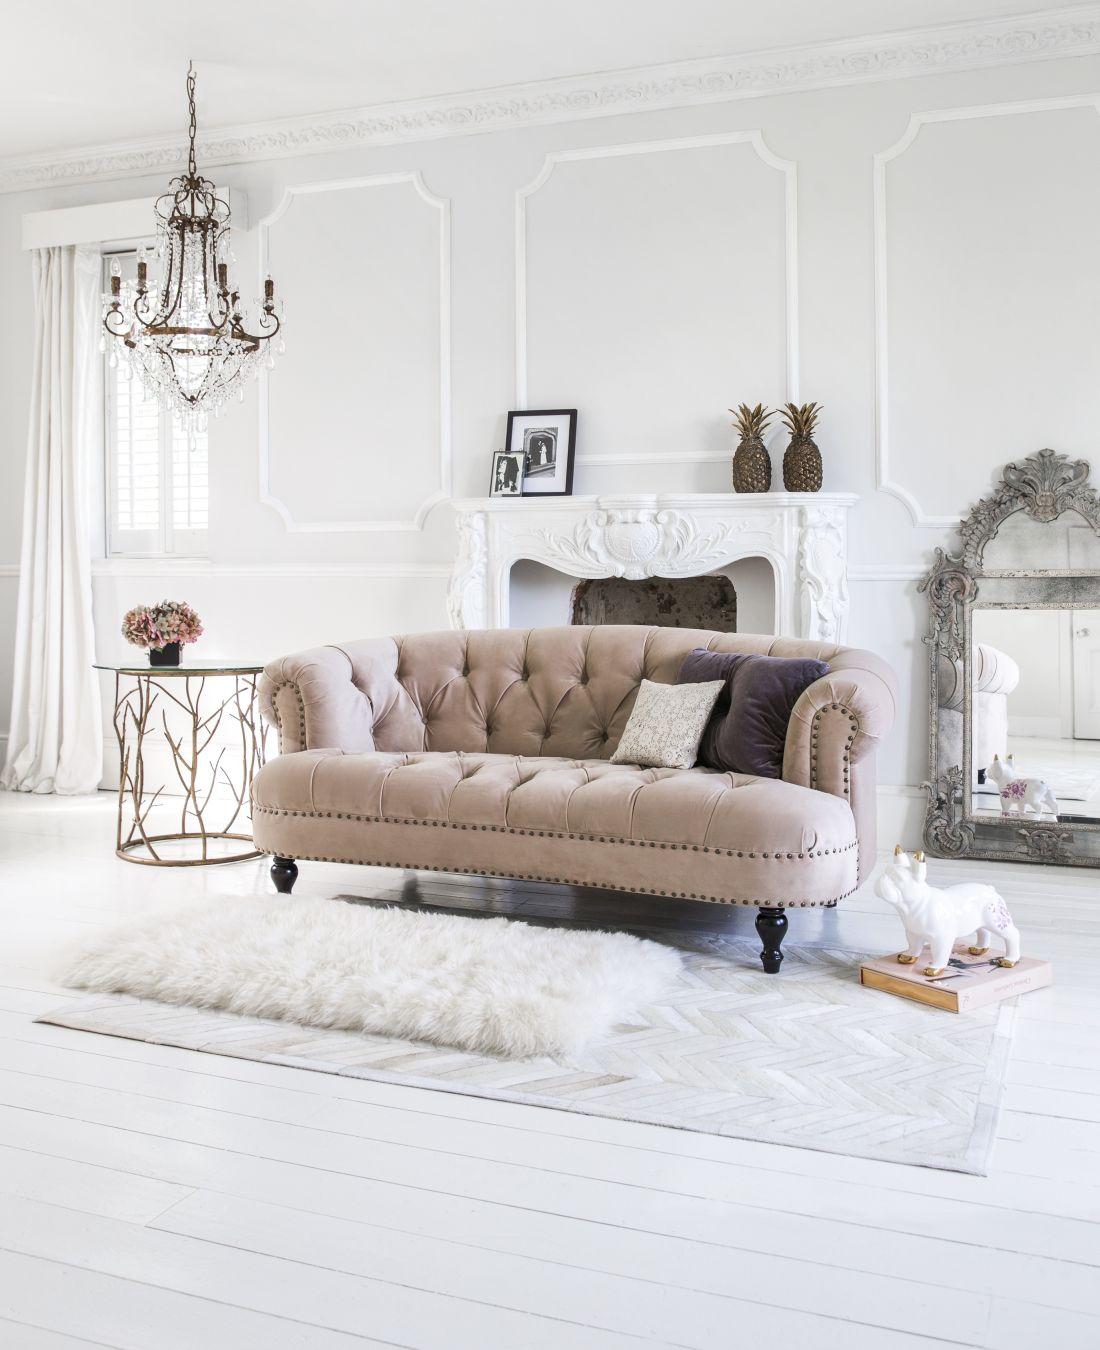 17the-french-bedroom_chablis-amp-roses-pink-velvet-sofa-lifestyle.jpg